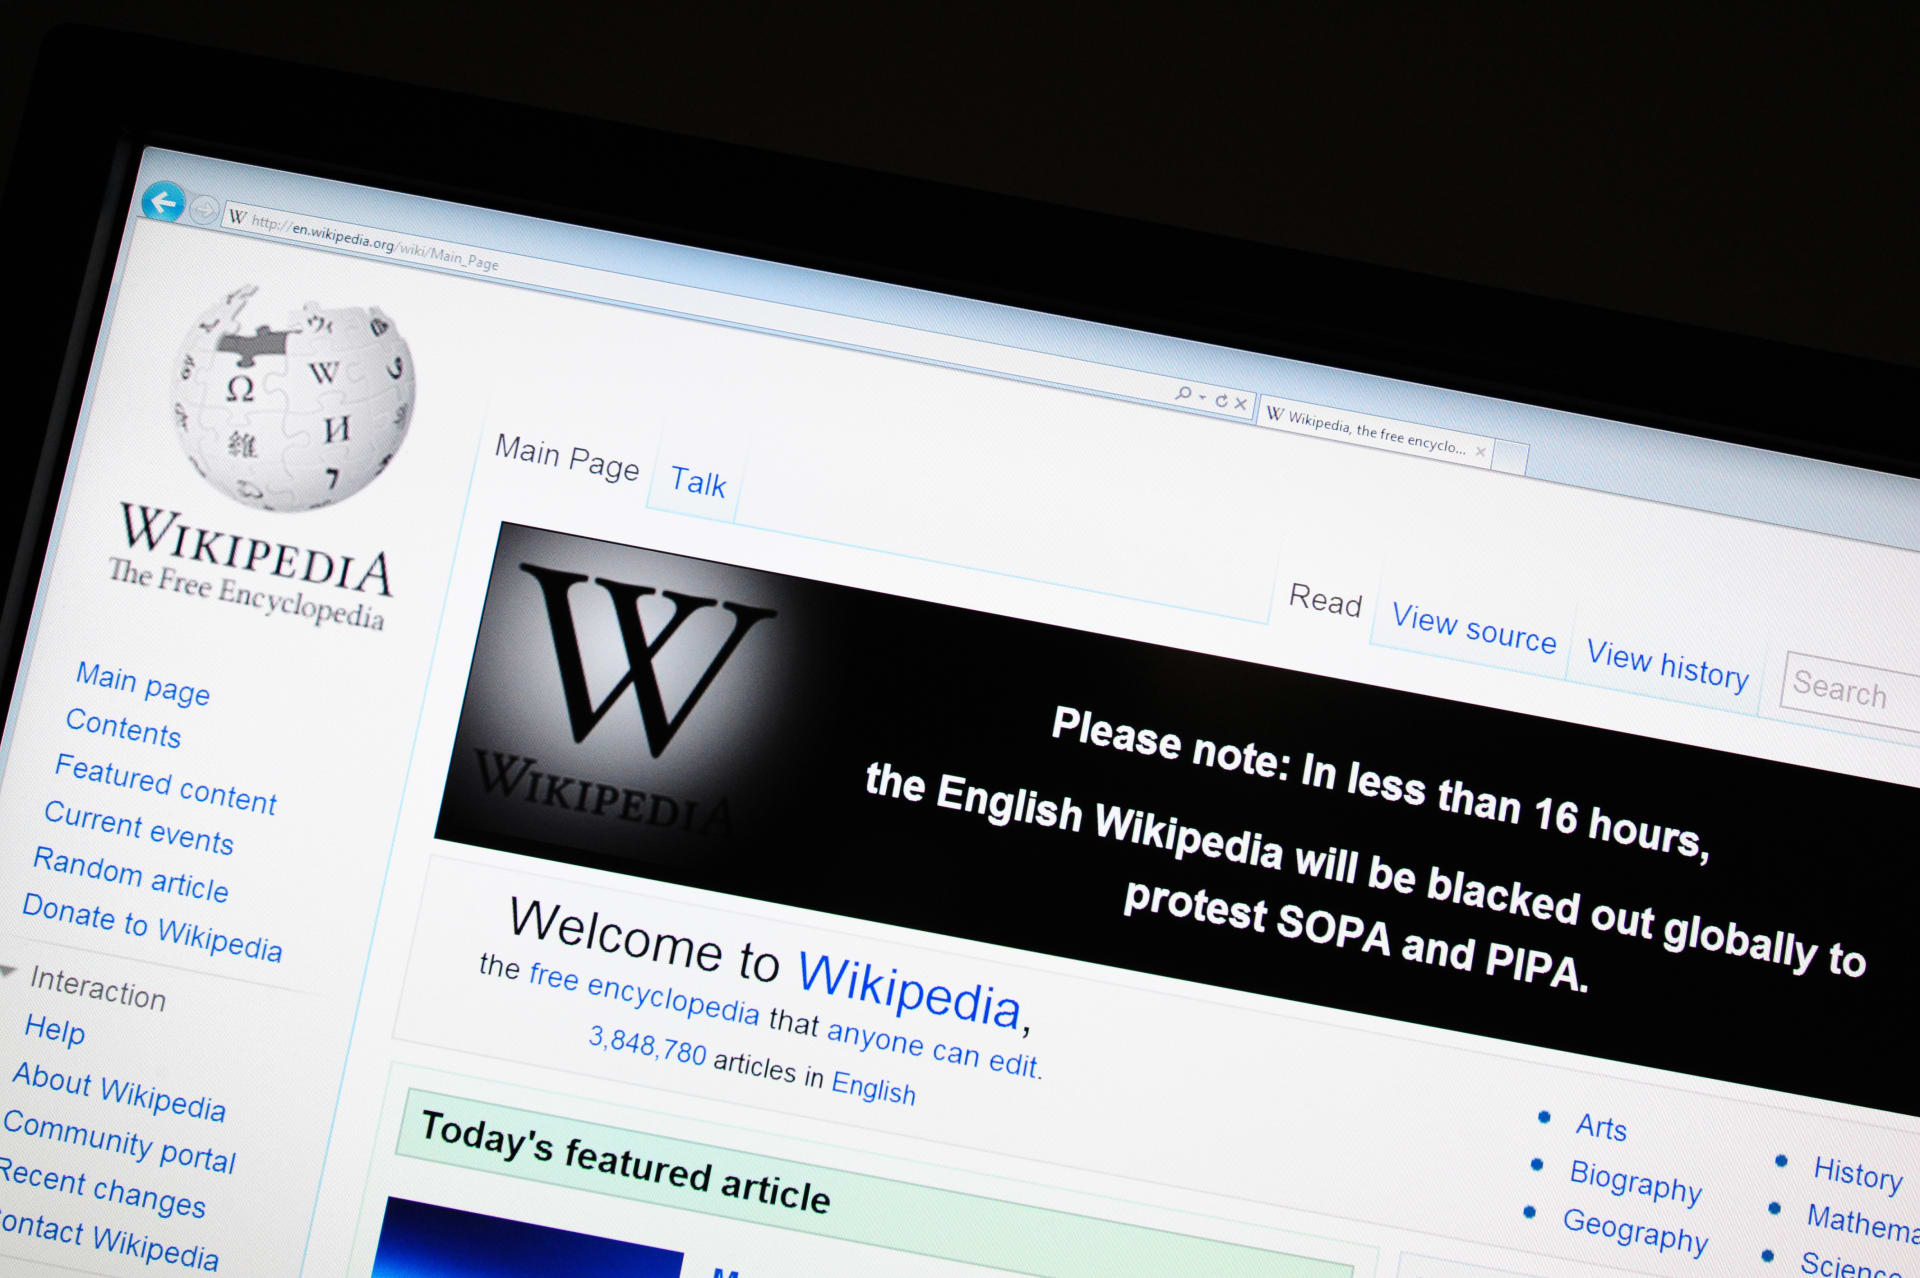 محكمة تركية تلغي الحظر المفروض على موسوعة الإنترنت ويكيبيديا